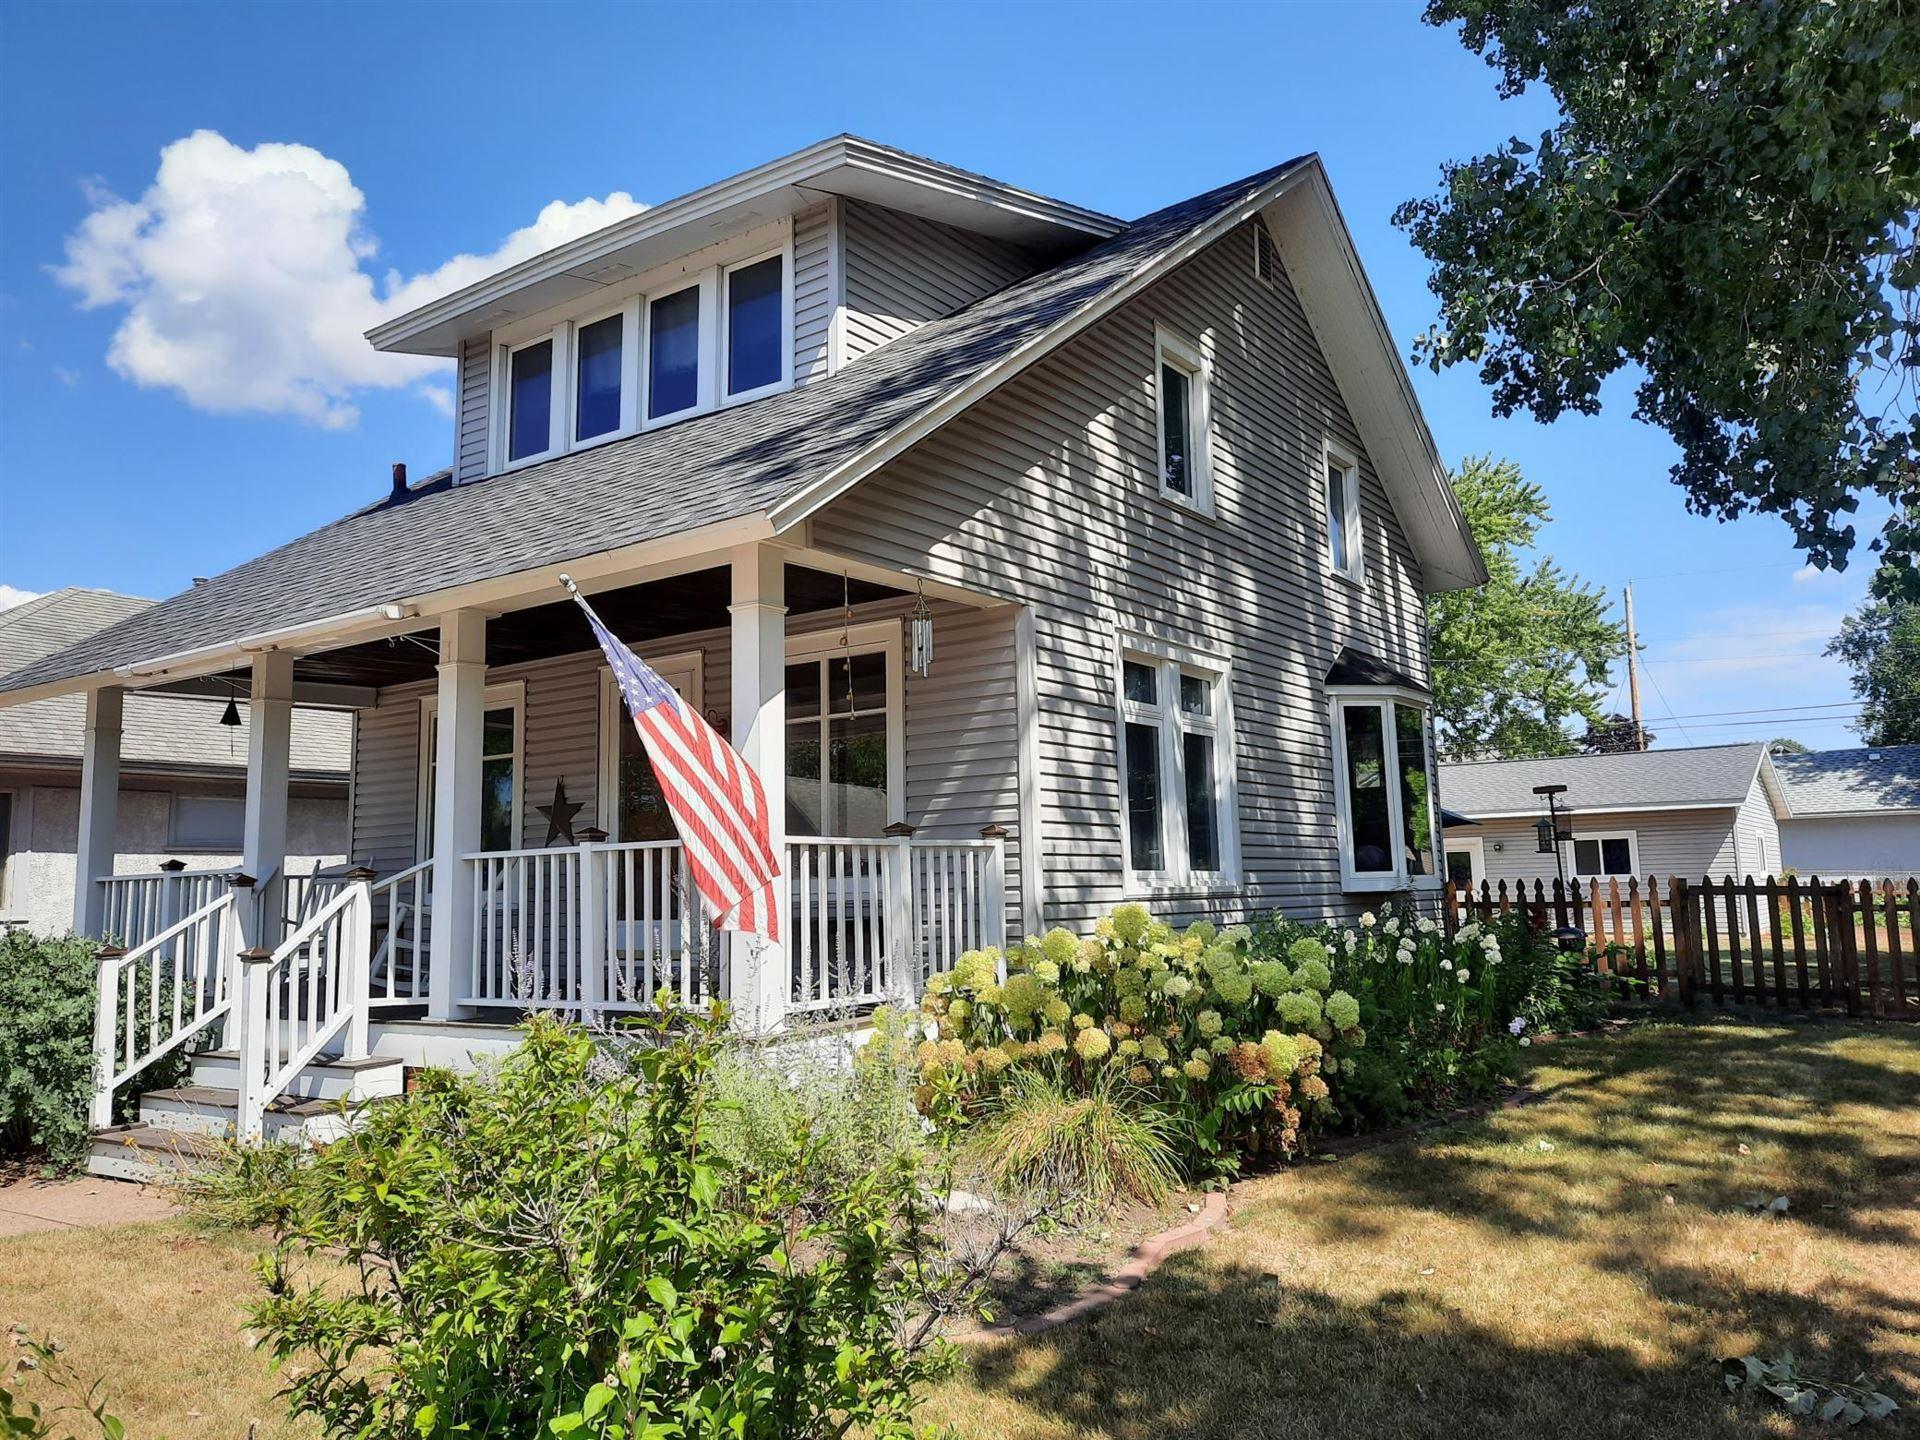 328 E 10th Street, Winona, MN 55987 - MLS#: 5636189